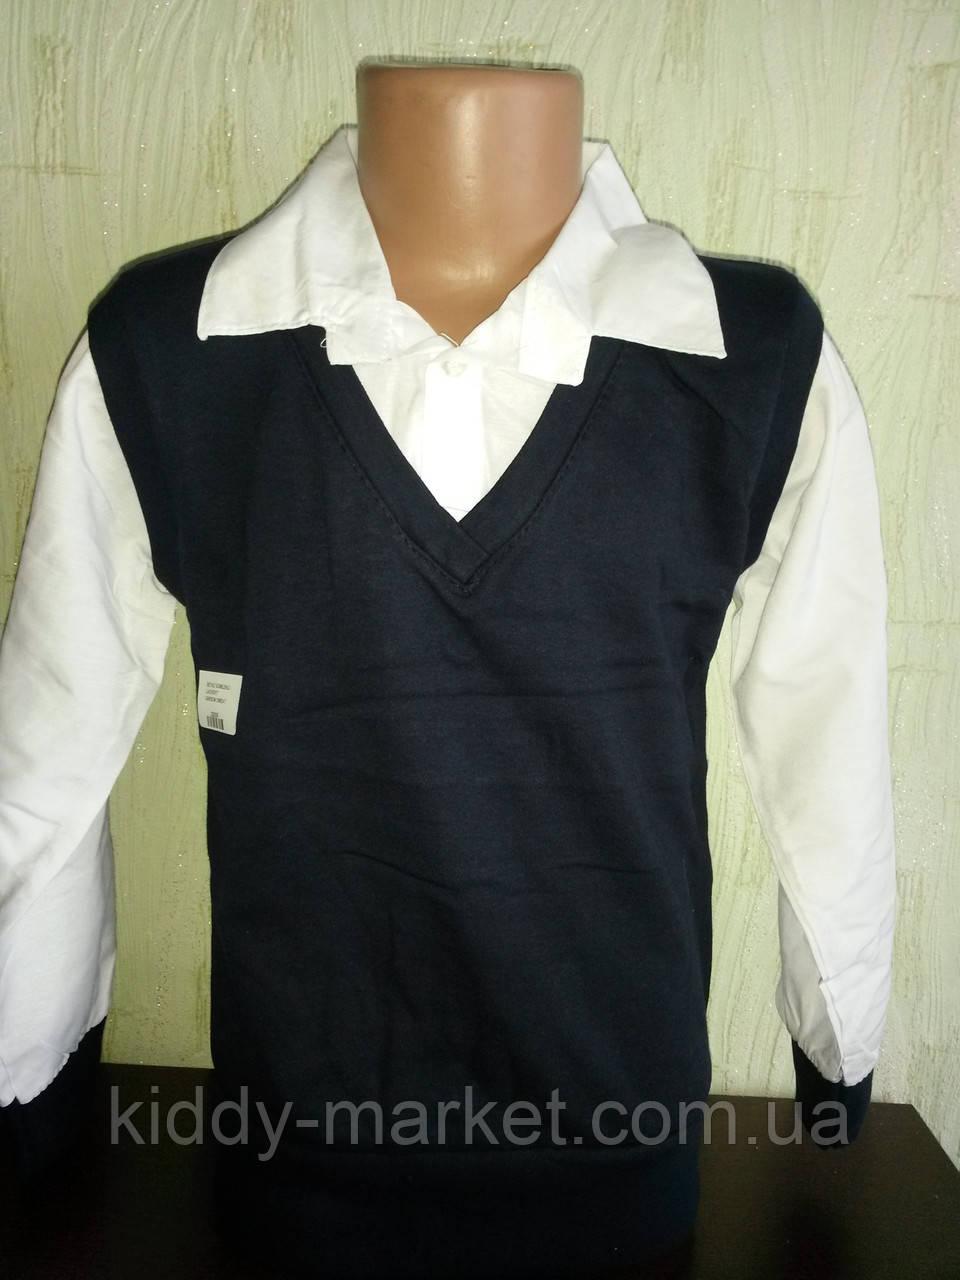 Рубашка-обманка  для мальчика 128-134,134-140